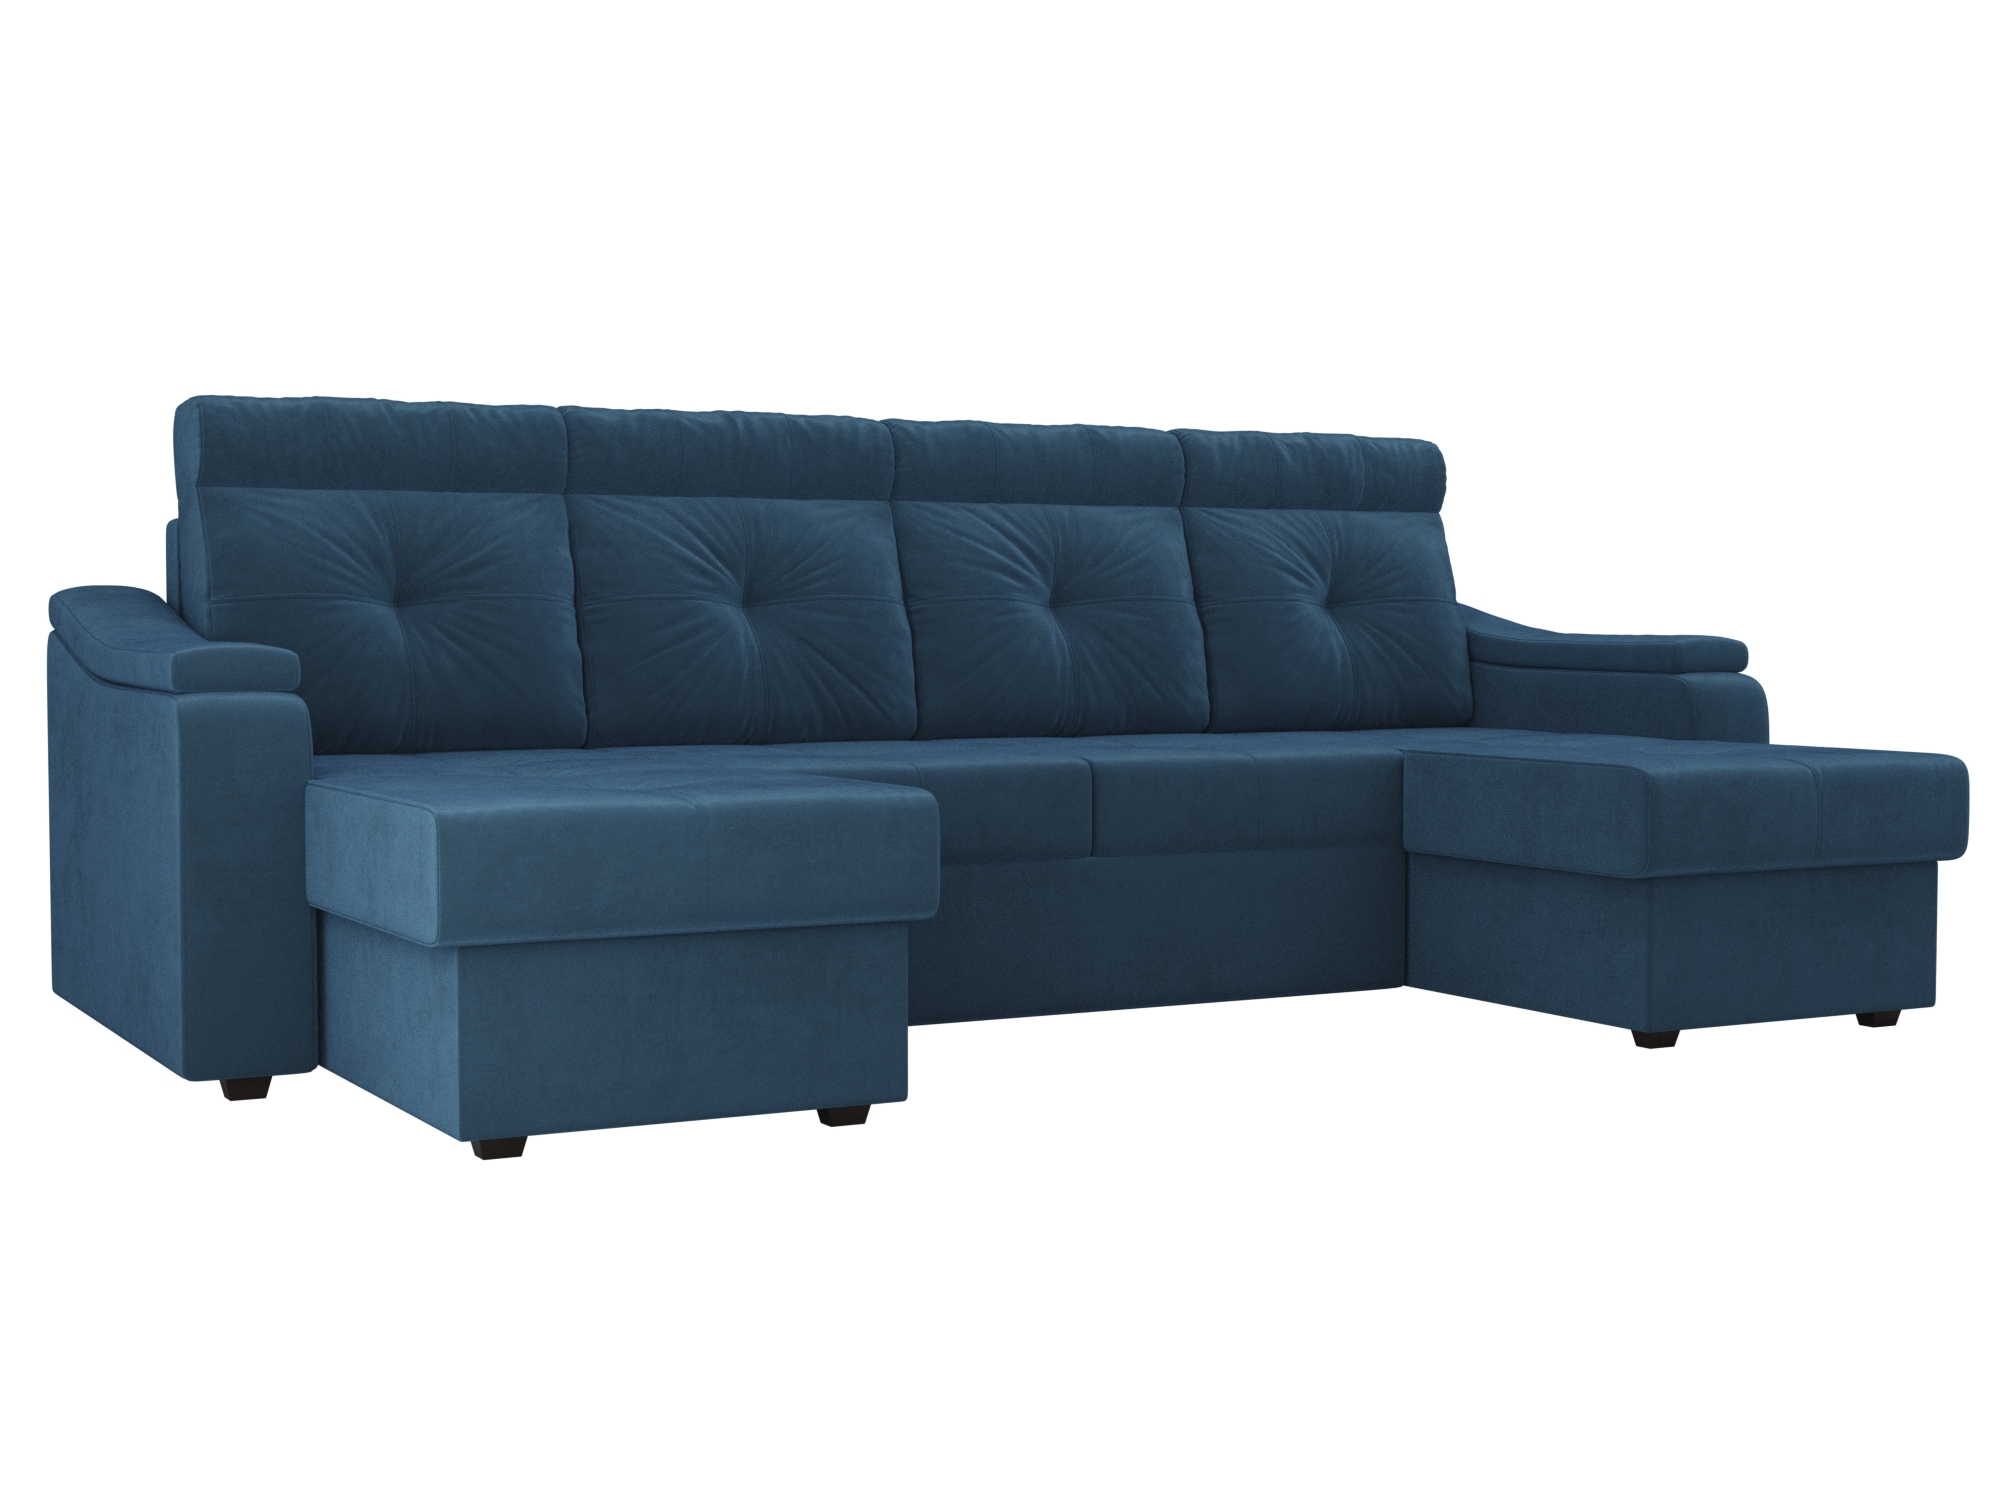 П-образный диван Джастин MebelVia Голубой